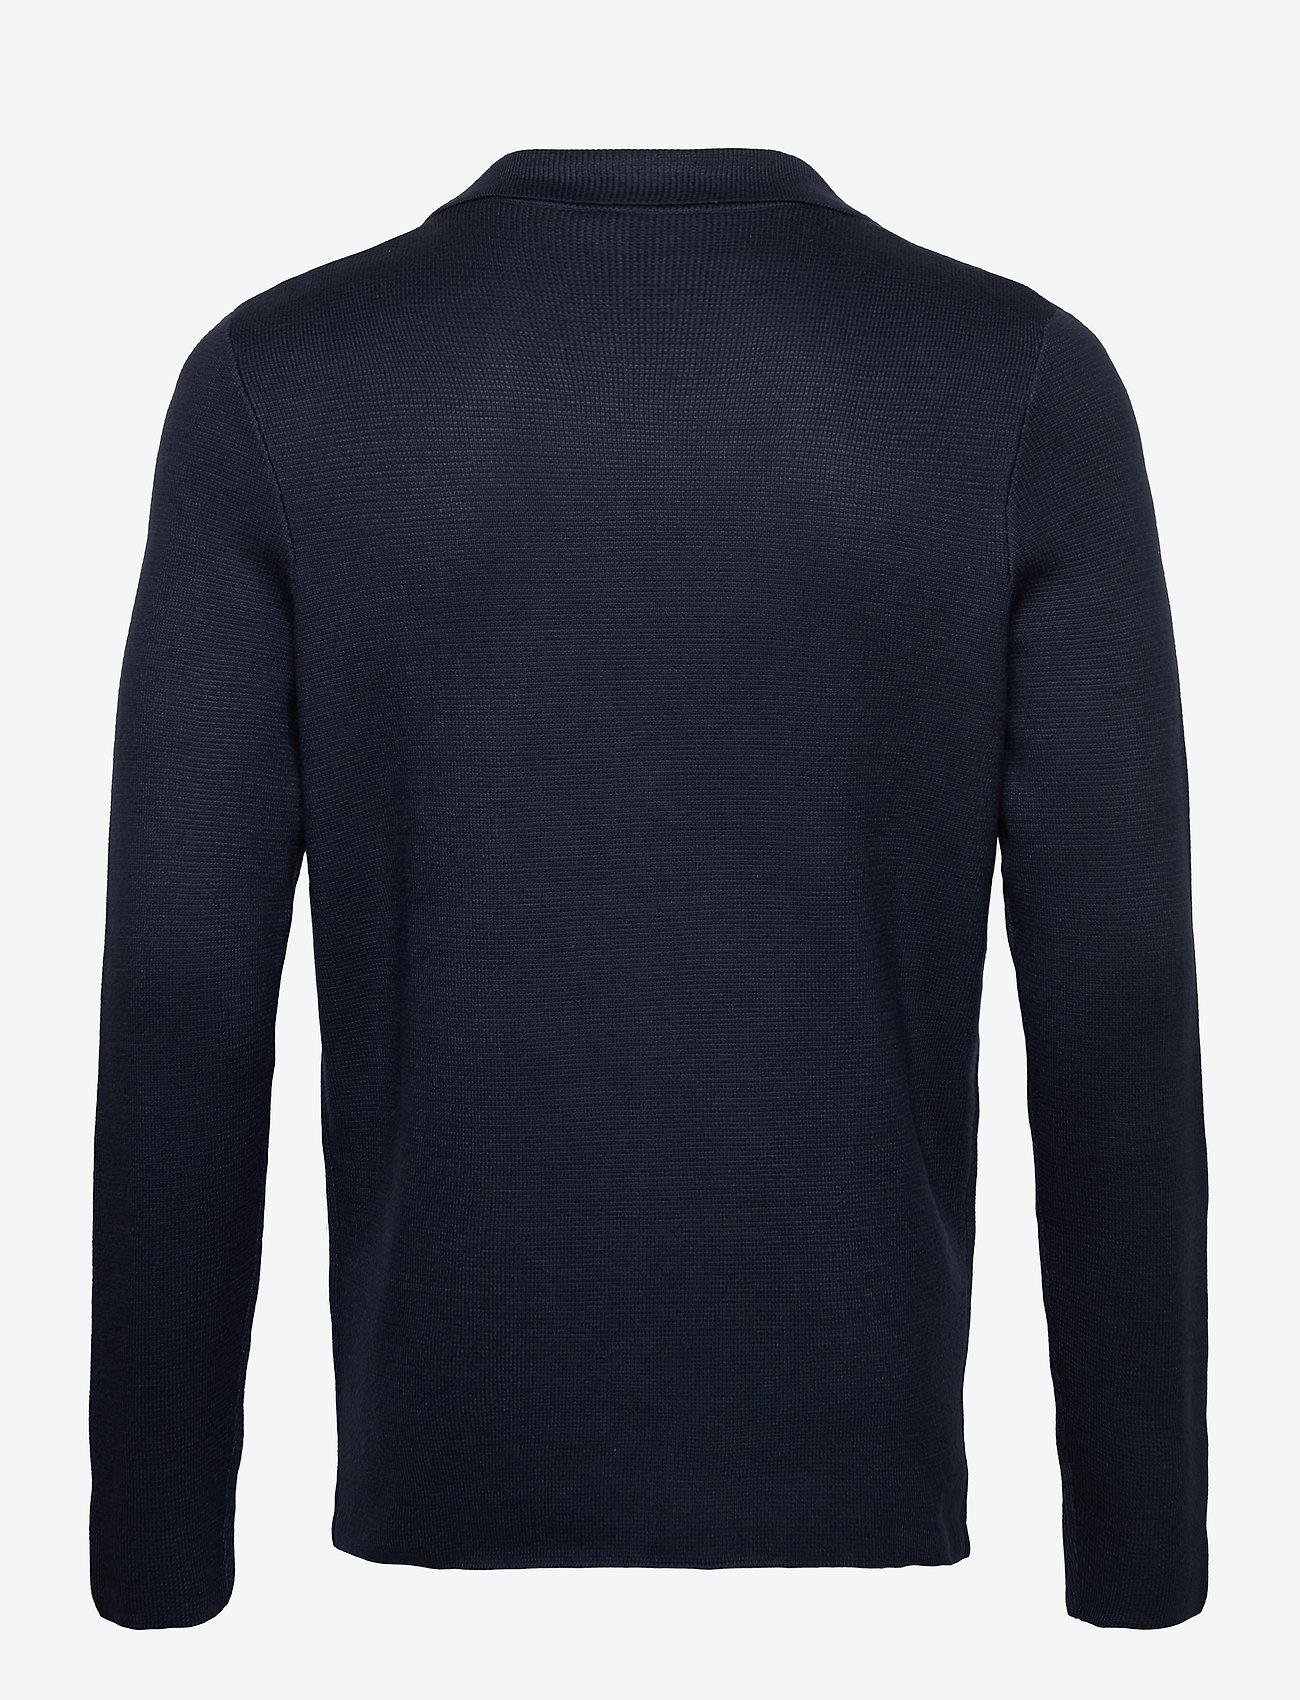 Tom Tailor knitted sakk - Strikkevarer DARK BLUE - Menn Klær